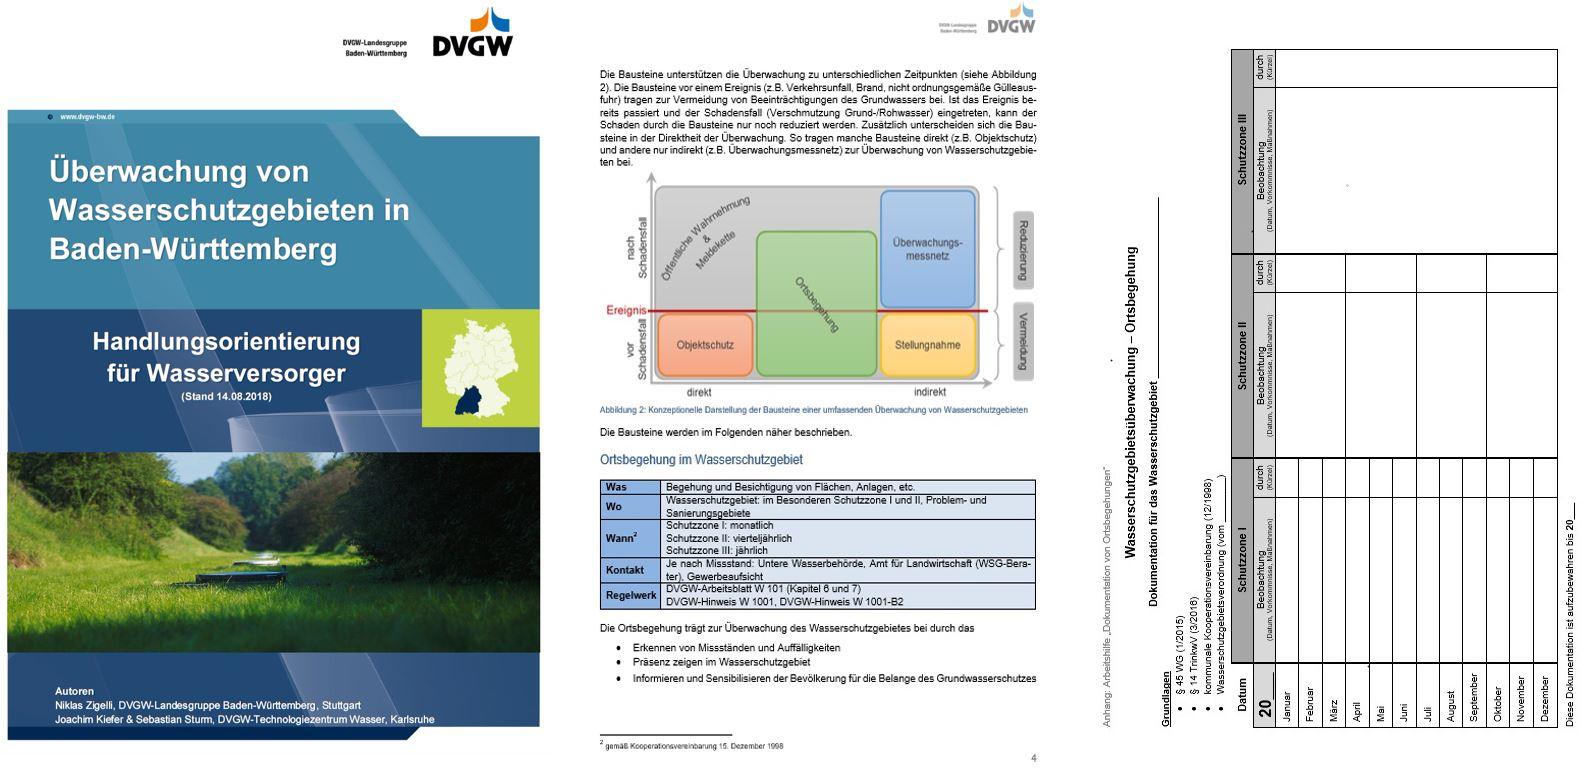 DVGW: Überwachung von Wasserschutzgebieten